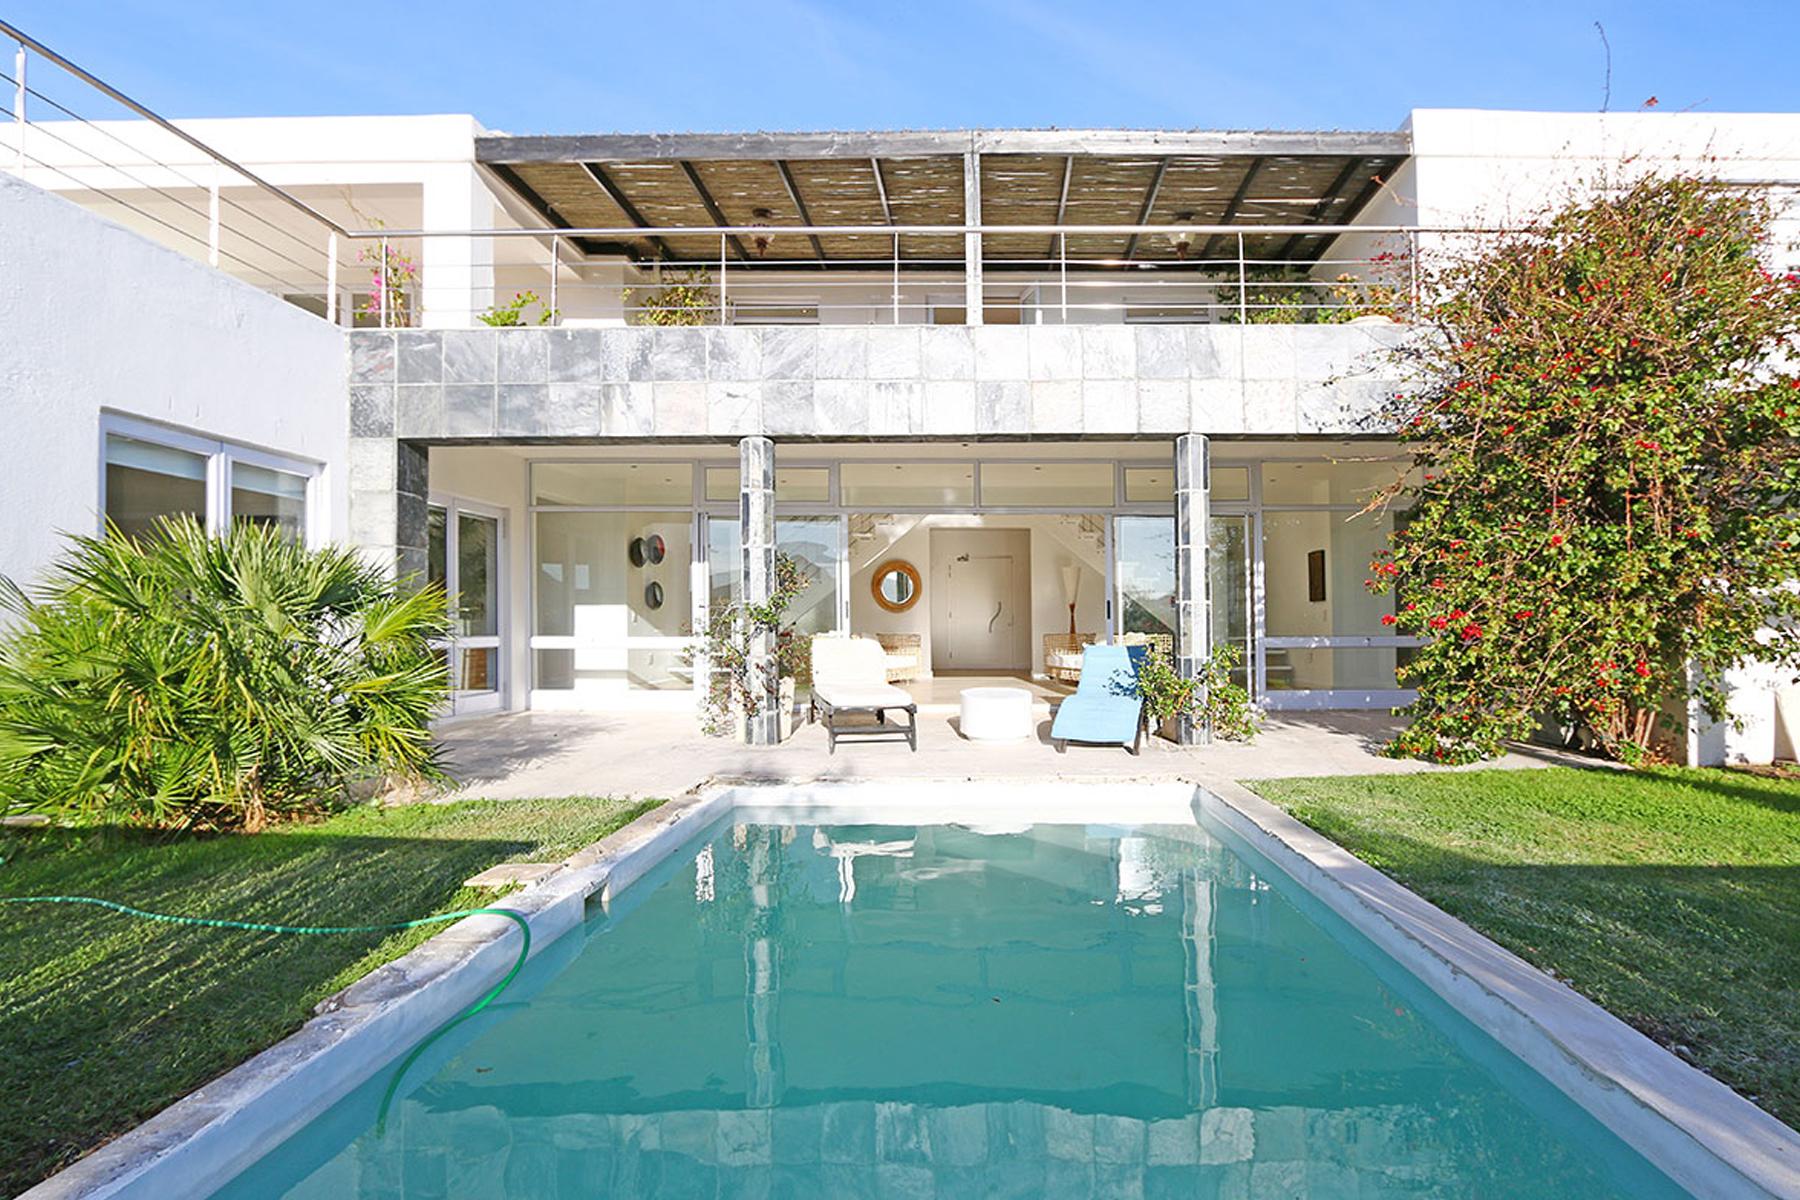 Частный односемейный дом для того Продажа на Hout Bay Cape Town, Западно-Капская Провинция, Южная Африка